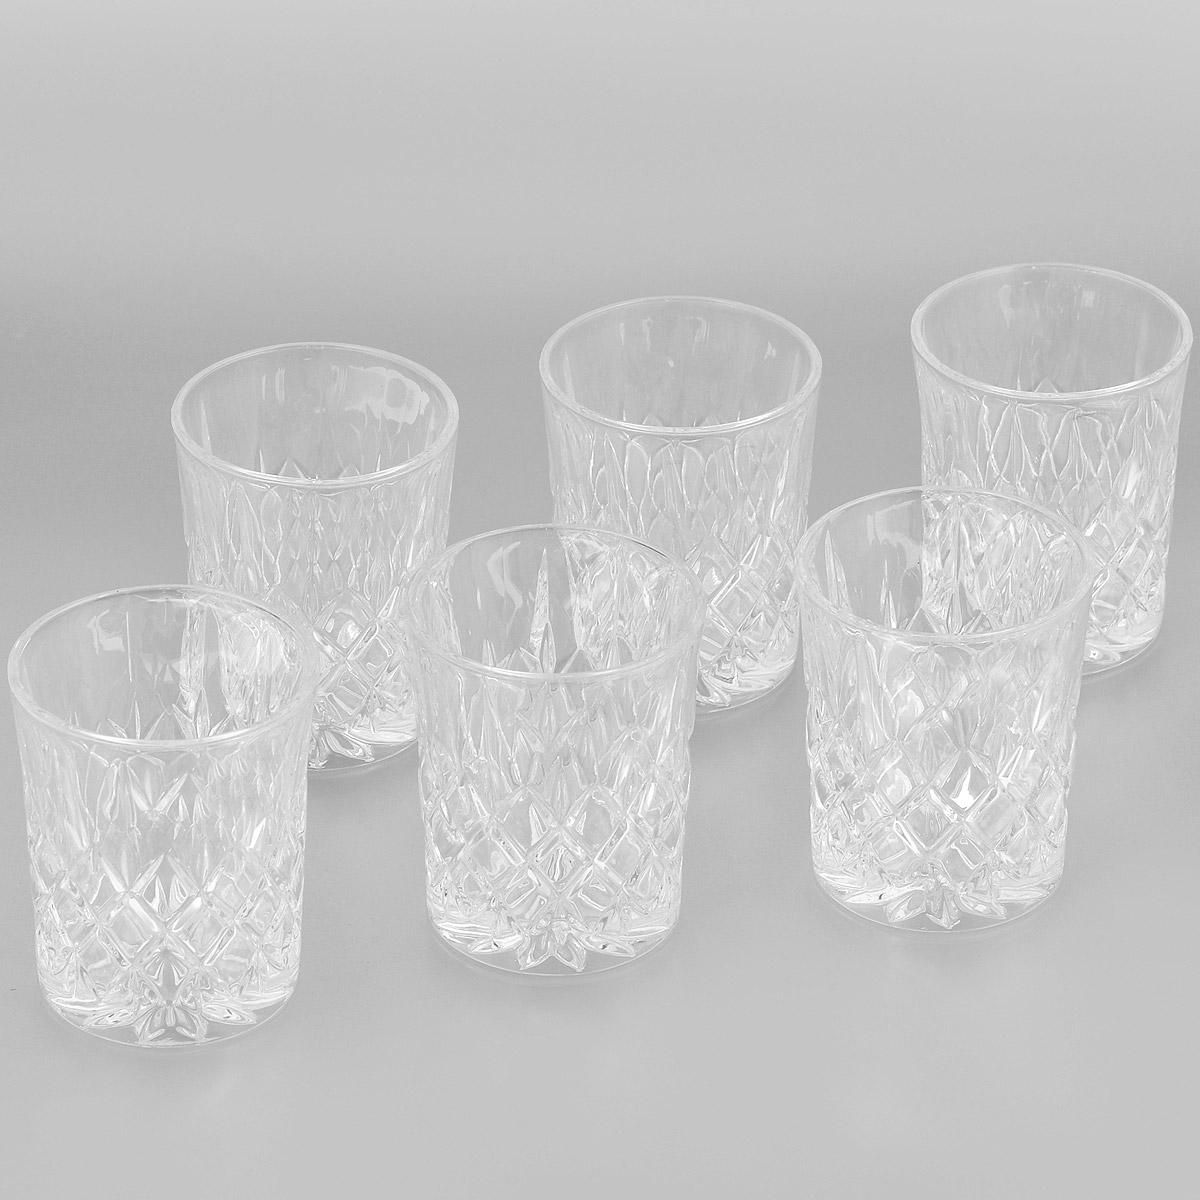 Набор стаканов для виски Crystal Bohemia, 320 мл, 6 шт990/24600/0/42000/320-609Набор для виски Crystal Bohemia состоит из шести стаканов. Изделия выполнены из прочного высококачественного хрусталя и декорированы рельефом. Они излучают приятный блеск и издают мелодичный звон. Набор предназначен для подачи виски.Набор Crystal Bohemia прекрасно оформит интерьер кабинета или гостиной и станет отличным дополнением бара. Такой набор также станет хорошим подарком к любому случаю. Диаметр по верхнему краю: 8,5 см. Высота стакана: 10,5 см. Диаметр основания: 7,2 см.